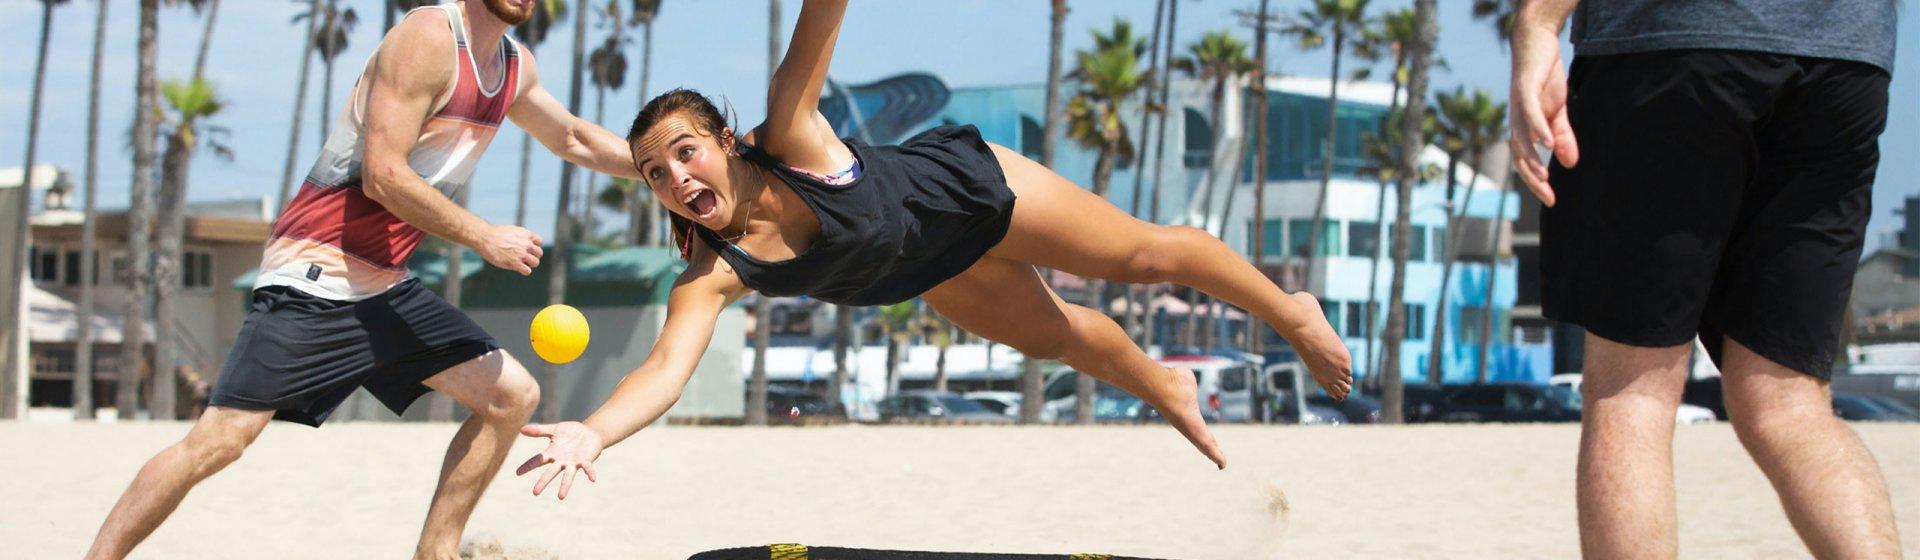 Personen spielen Spikeball am Strand